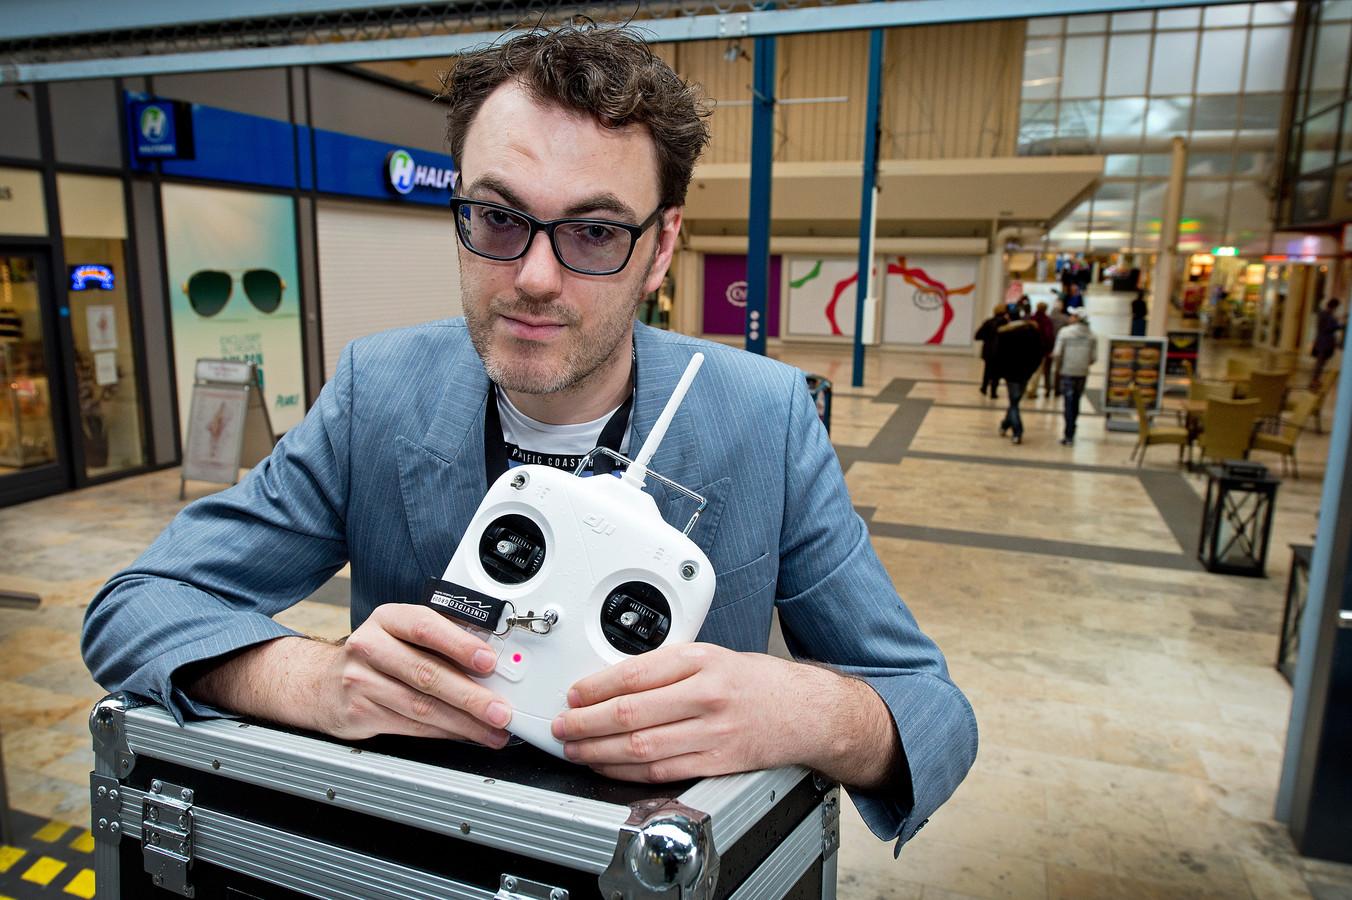 Paul Giezen heeft alleen nog de afstandsbediening van zijn drone.